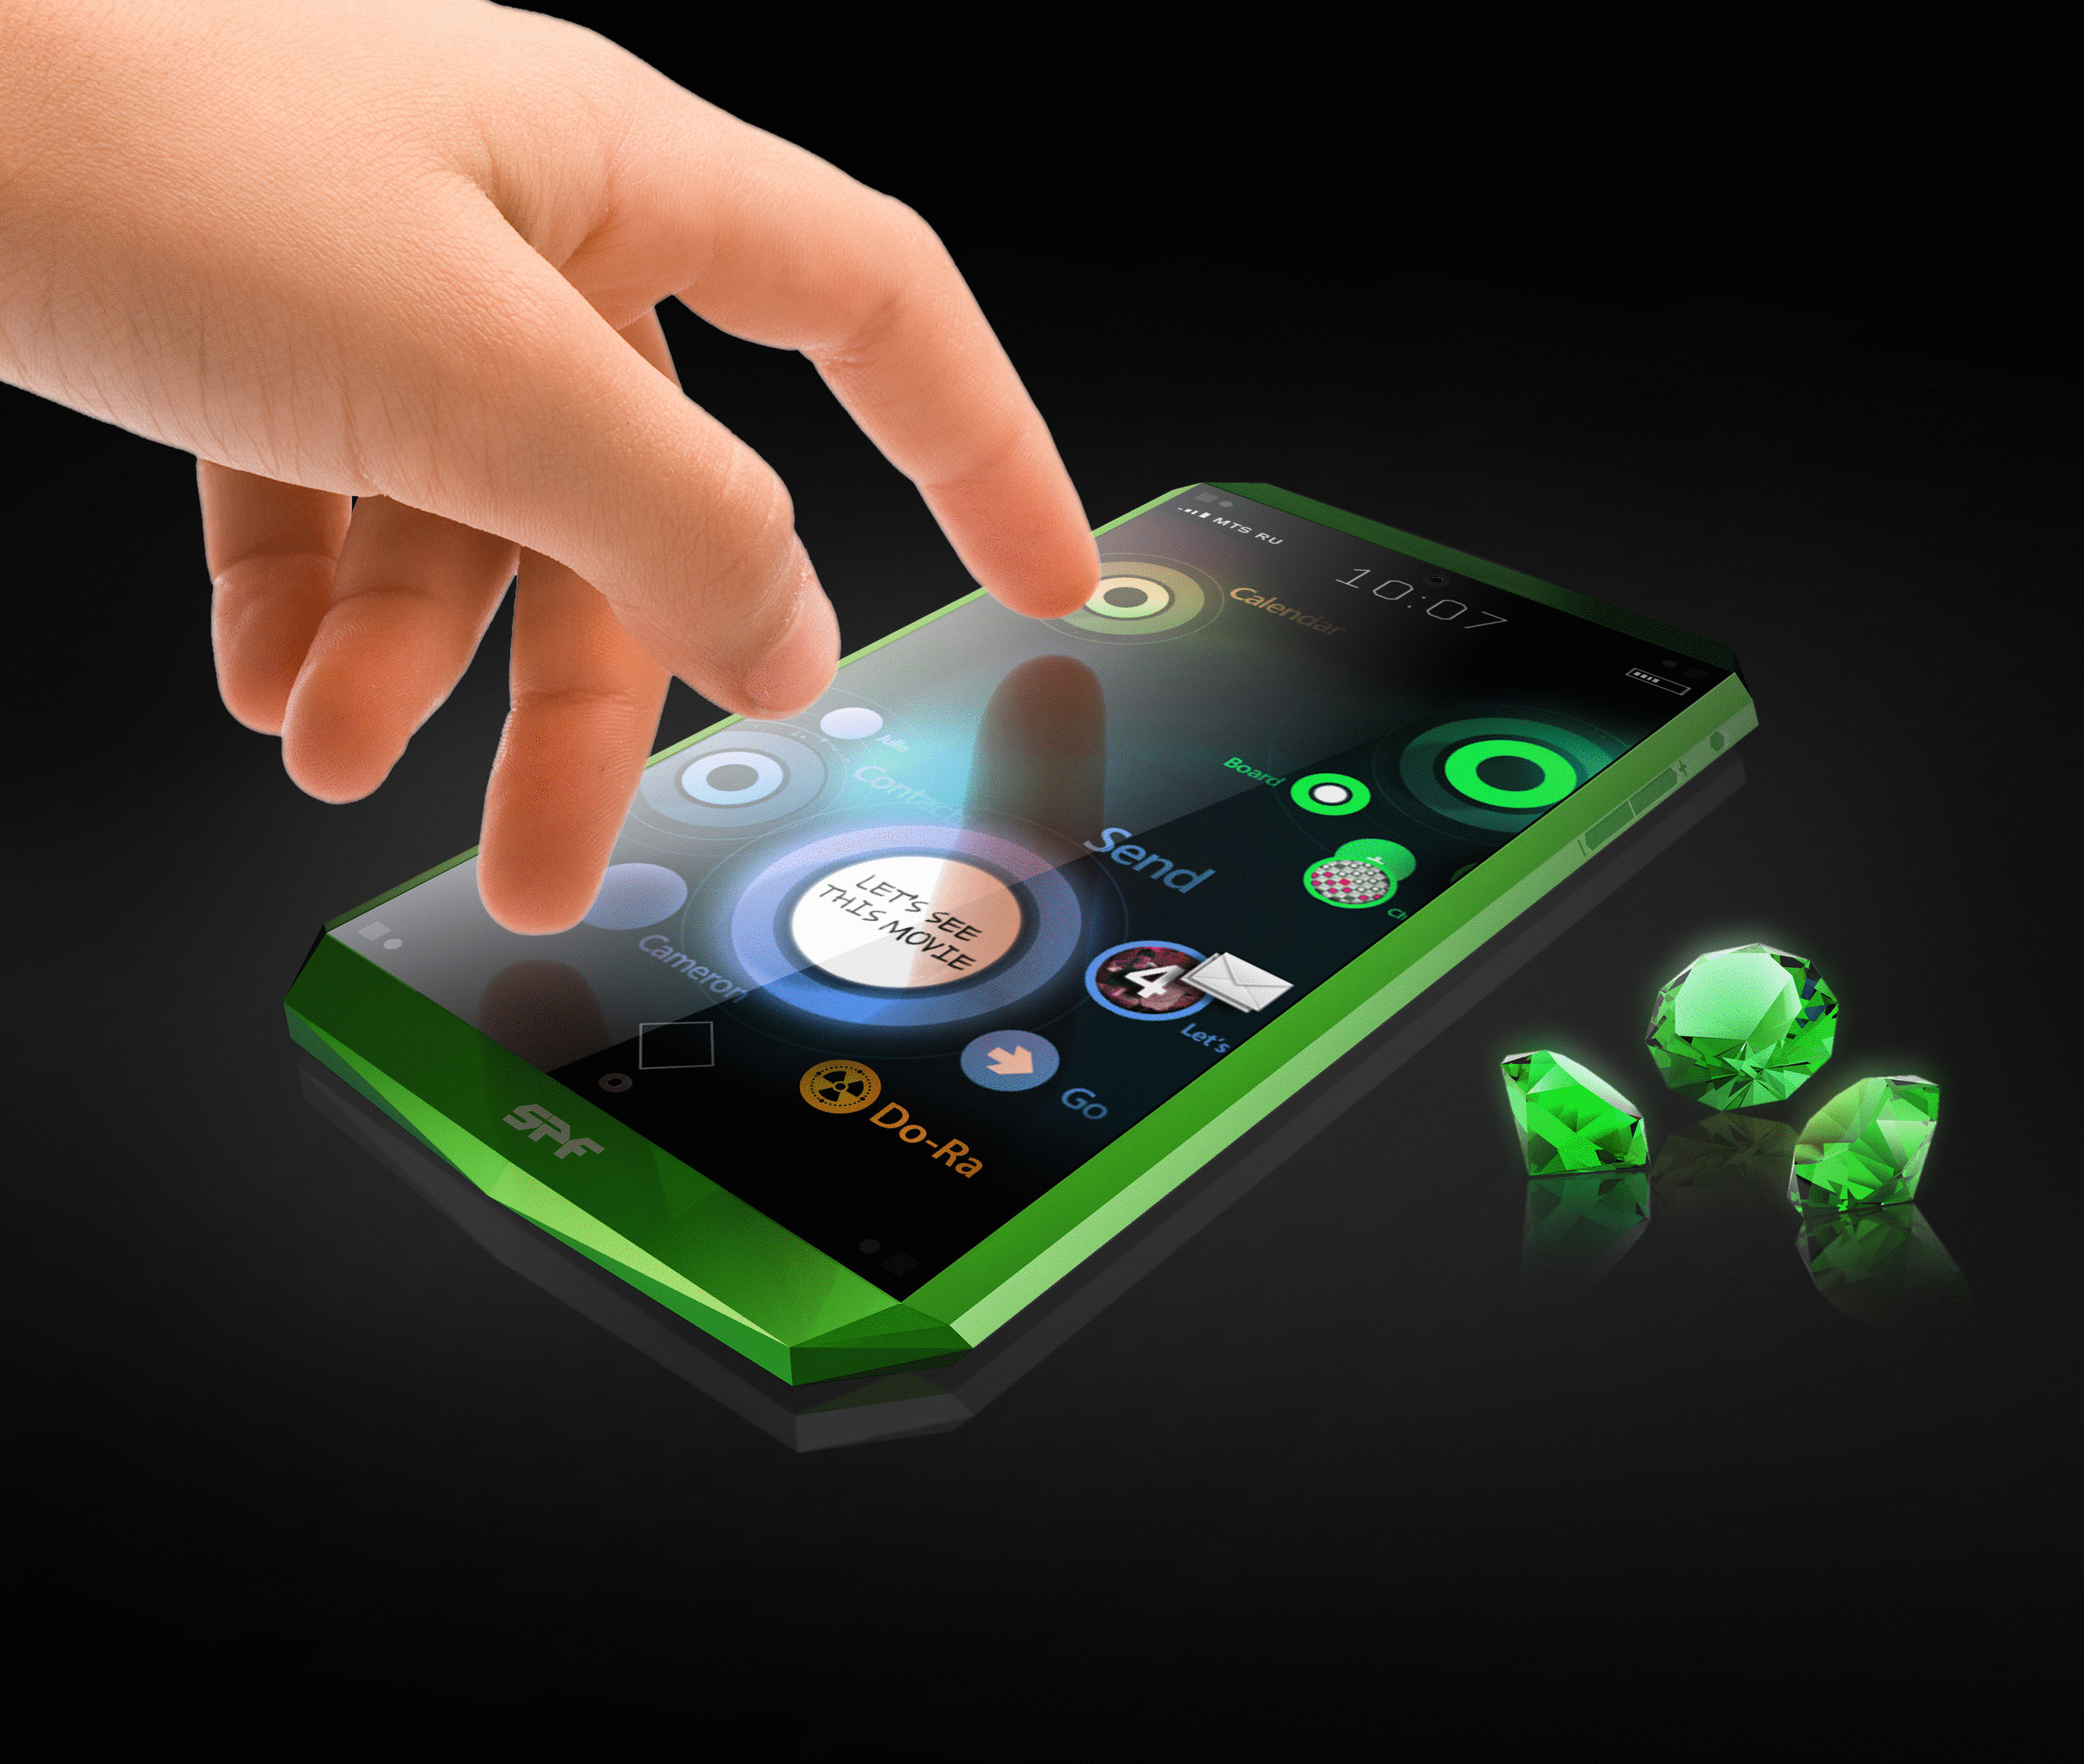 ландшафтном картинка на телефон о хорошем будущем мало кто